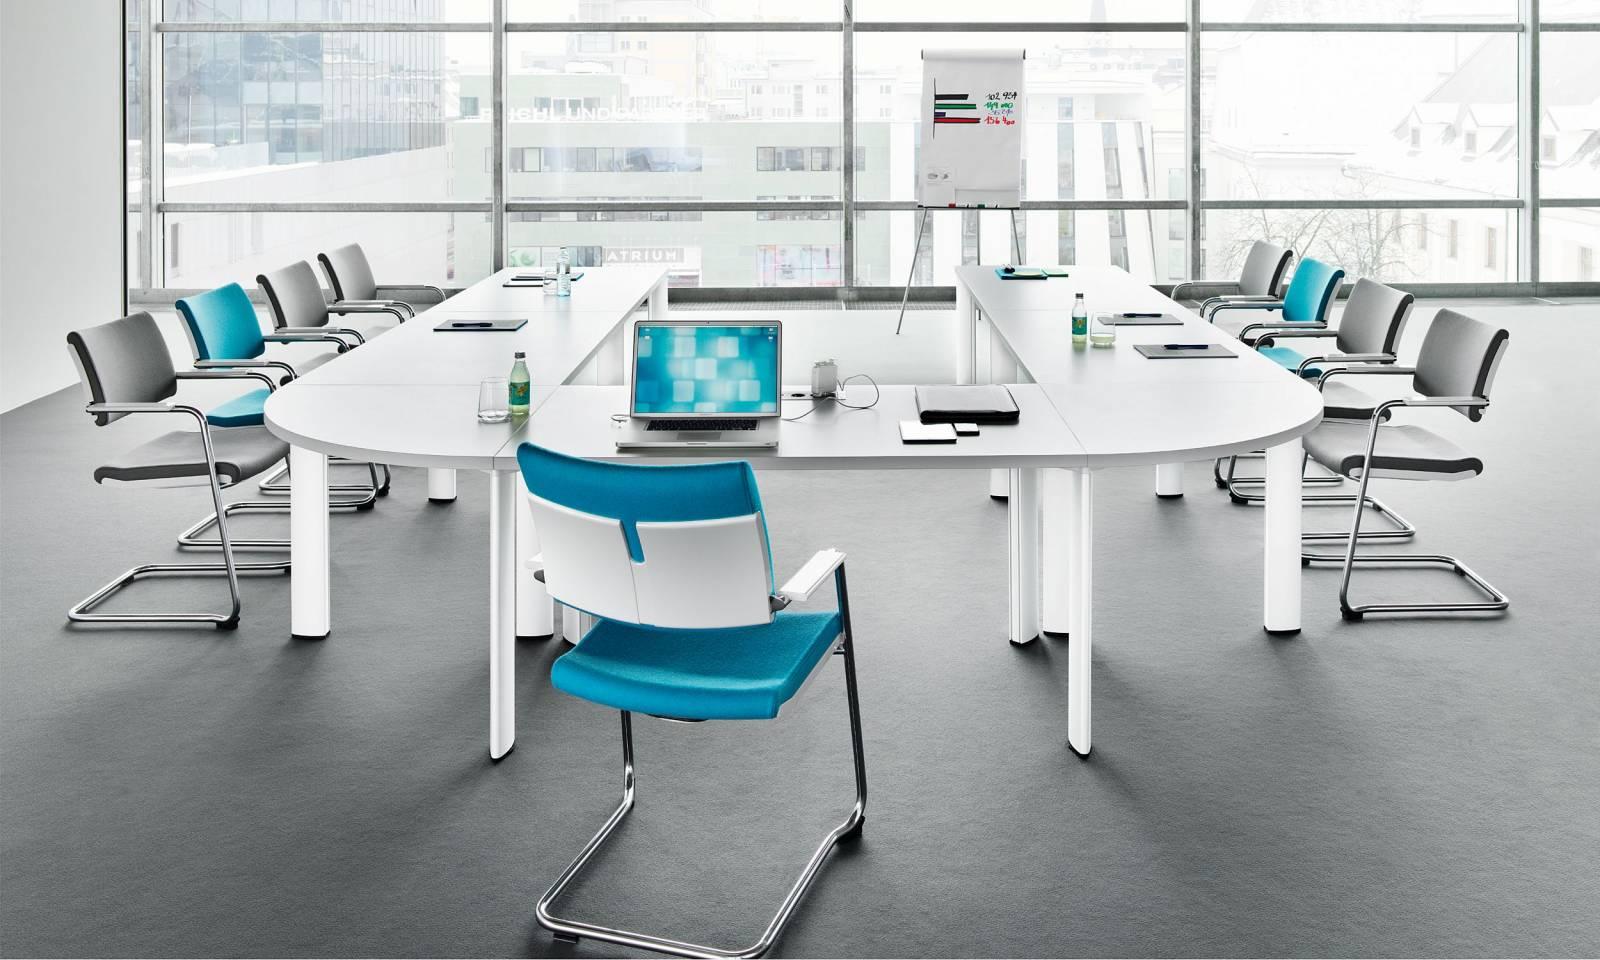 Table haut de gamme avec pieds clipsables donc la table devient modulable selon vos besoins sur Aix les Milles